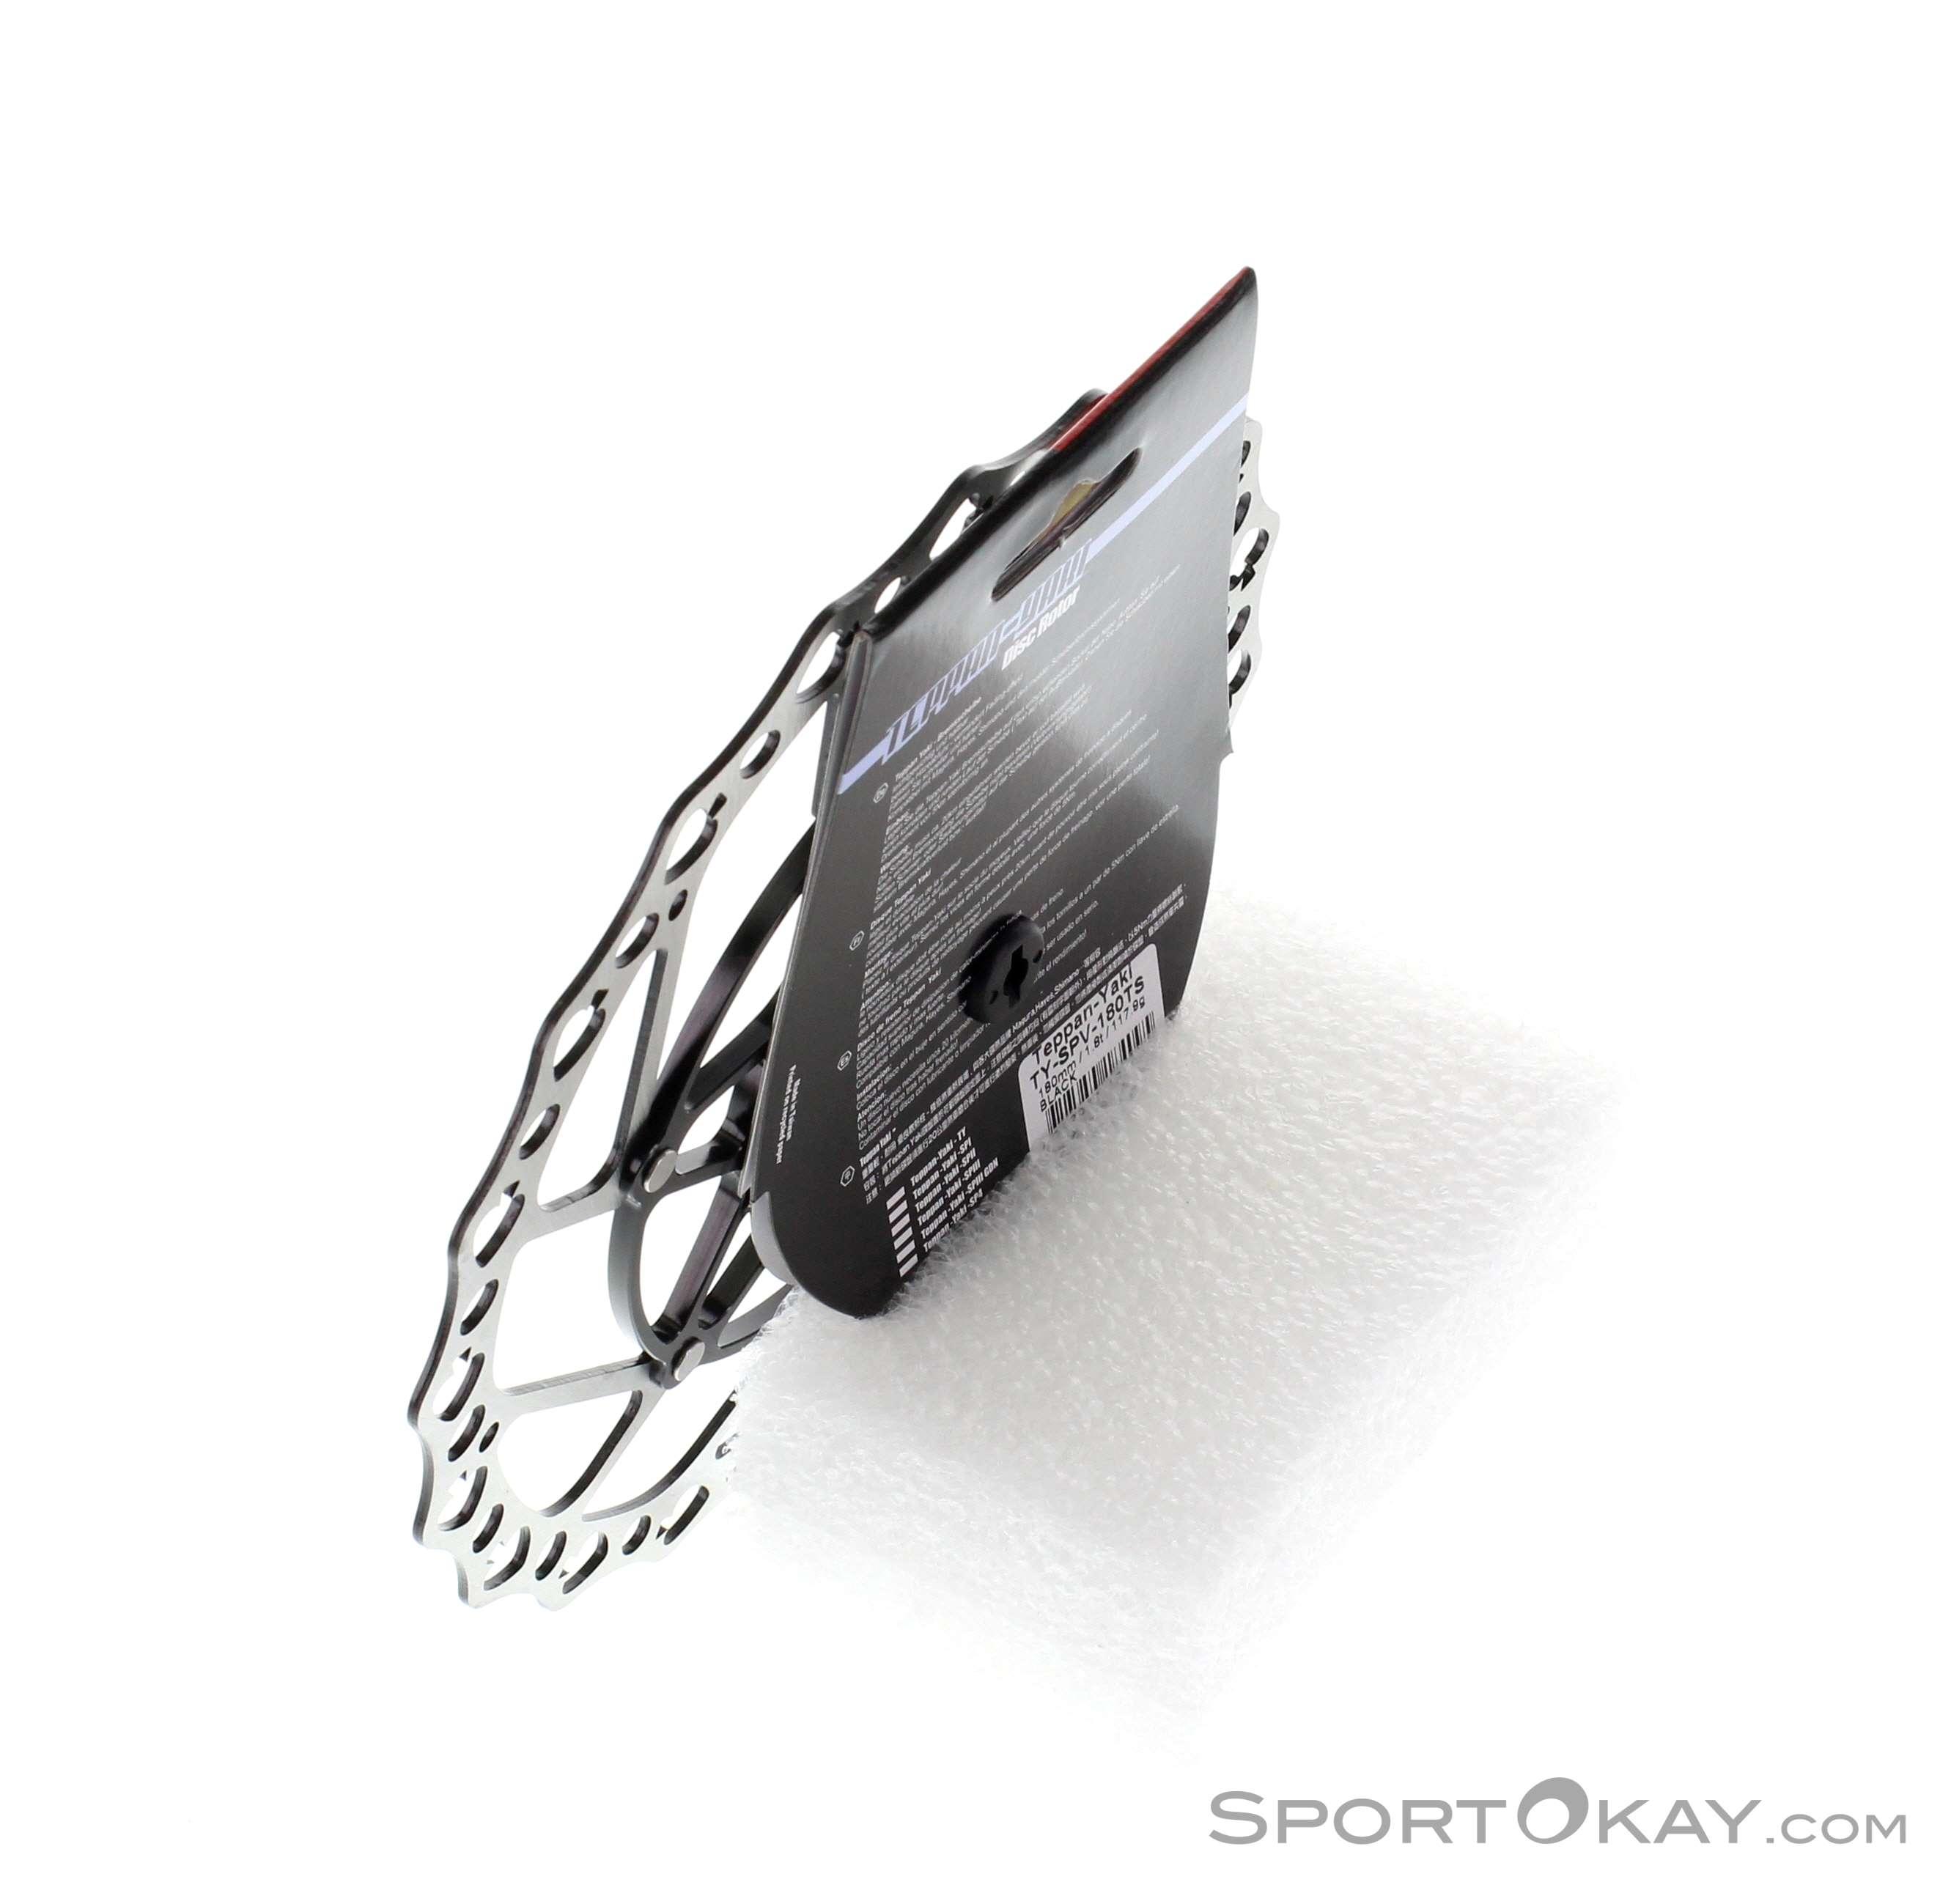 a2z A2Z SPV 2 Brake Disc Ø180mm